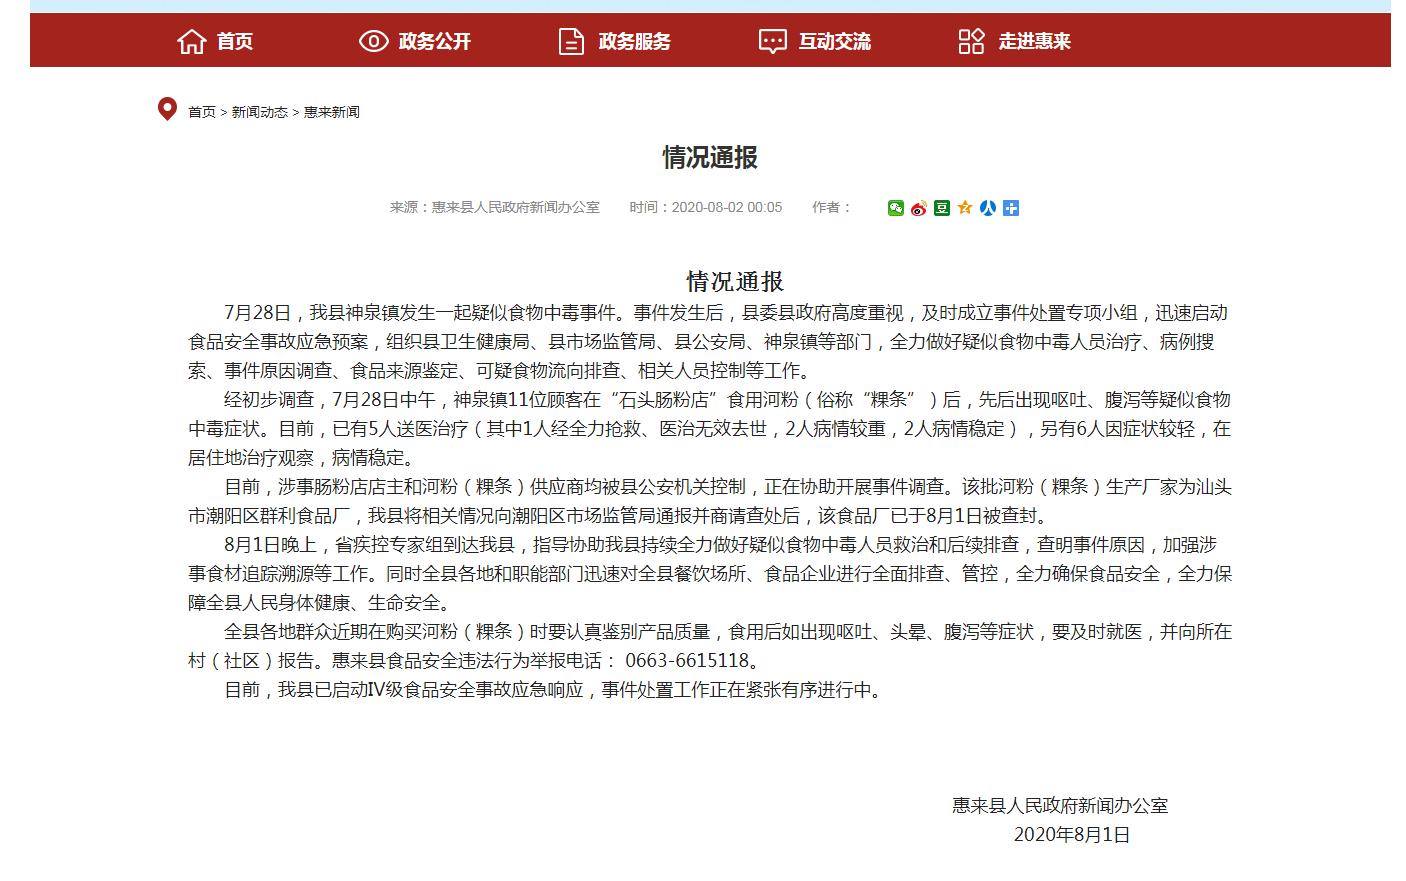 【人与曽200部视频顾问】_广东一肠粉店发生疑似食物中毒已致1死:初判系米酵菌酸中毒